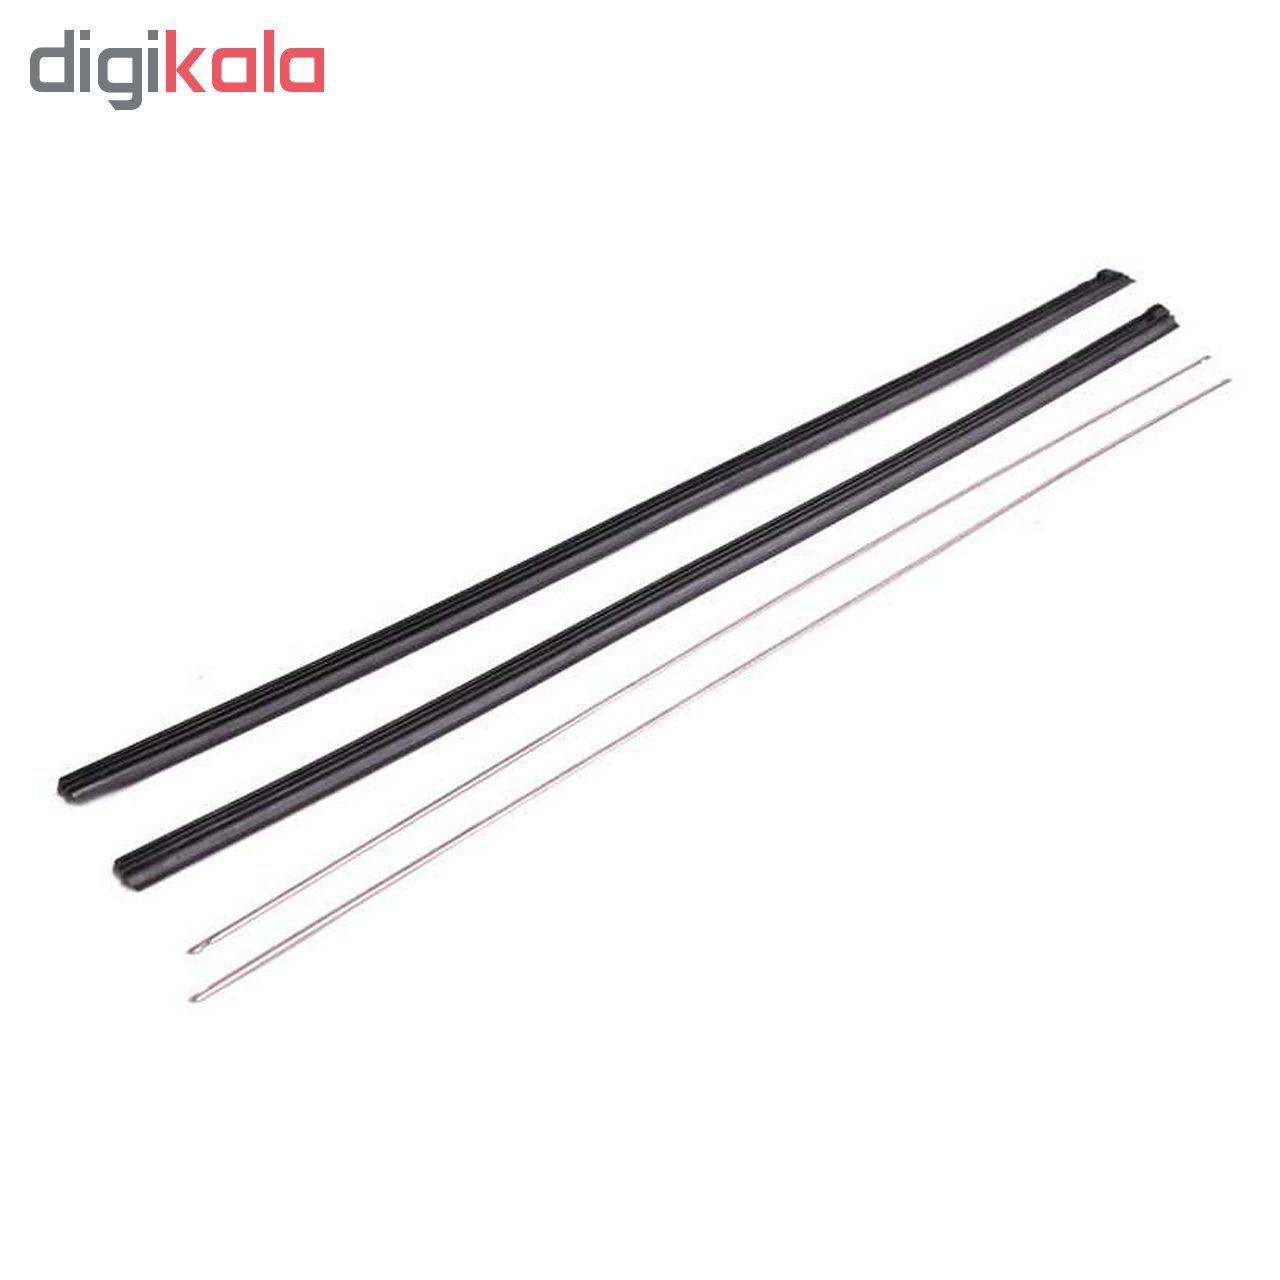 لاستیک تیغه برف پاکن بی.اس.کو مدل S4 مناسب برای پراید main 1 2